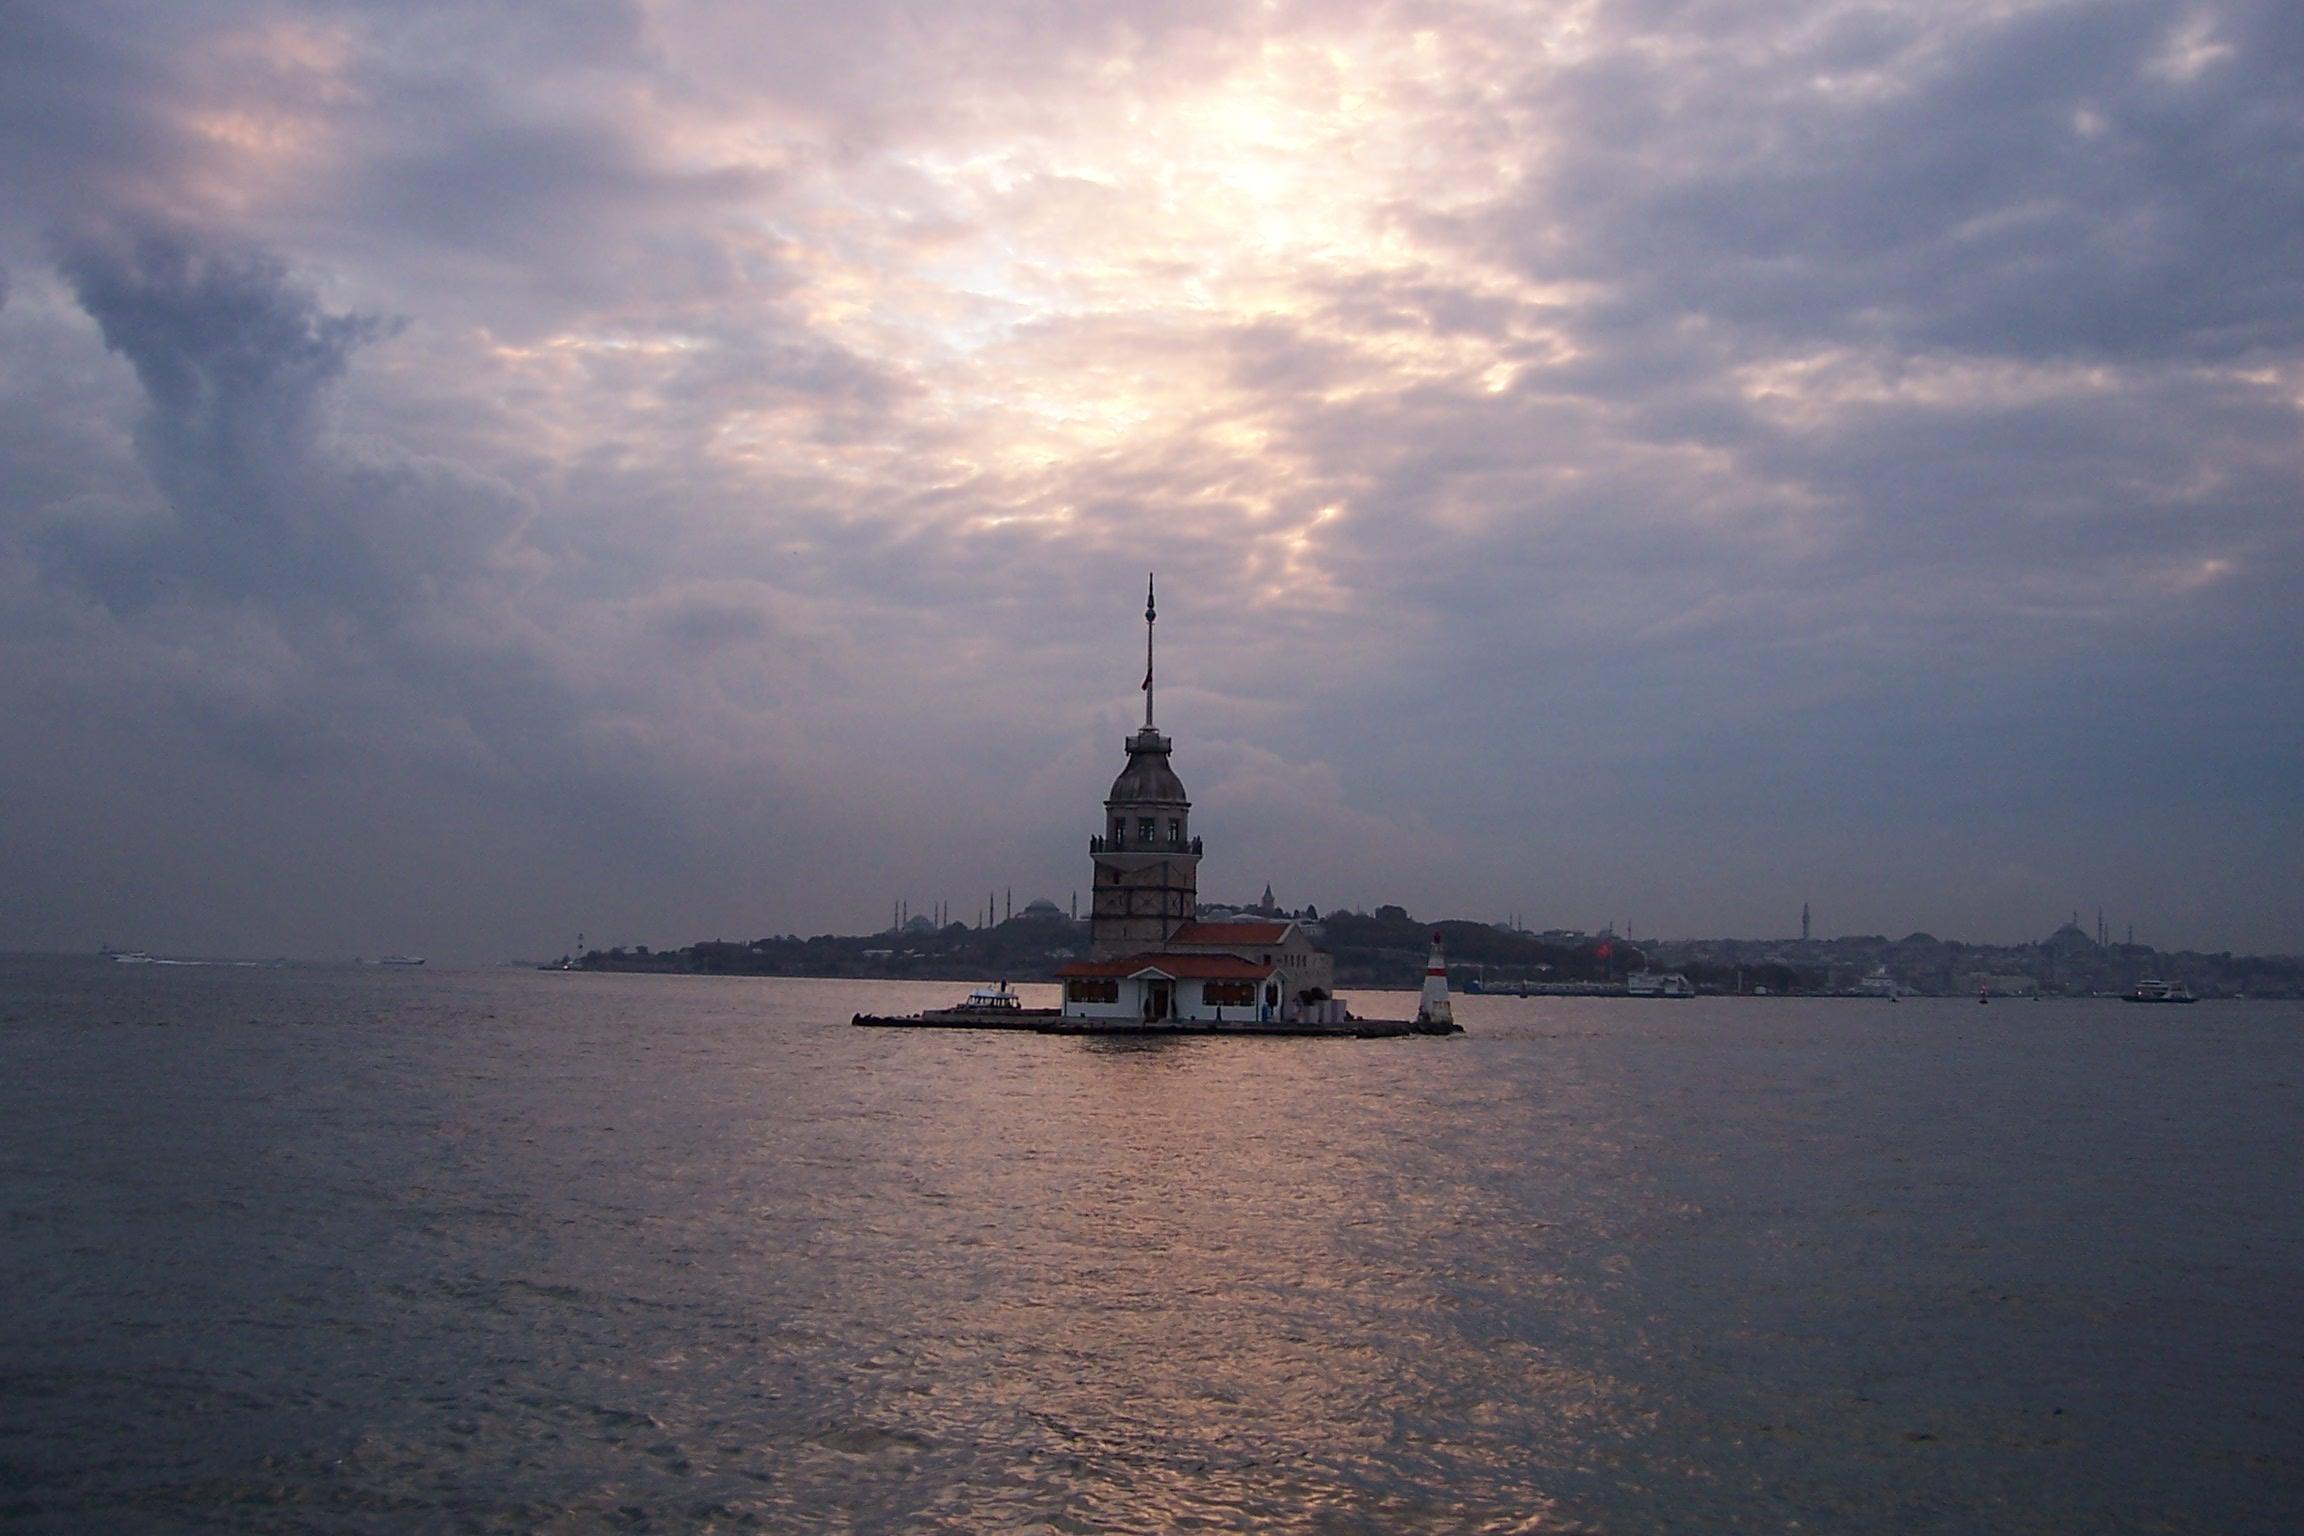 istanbul kız kulesi acil resim lazım..(yardımm)